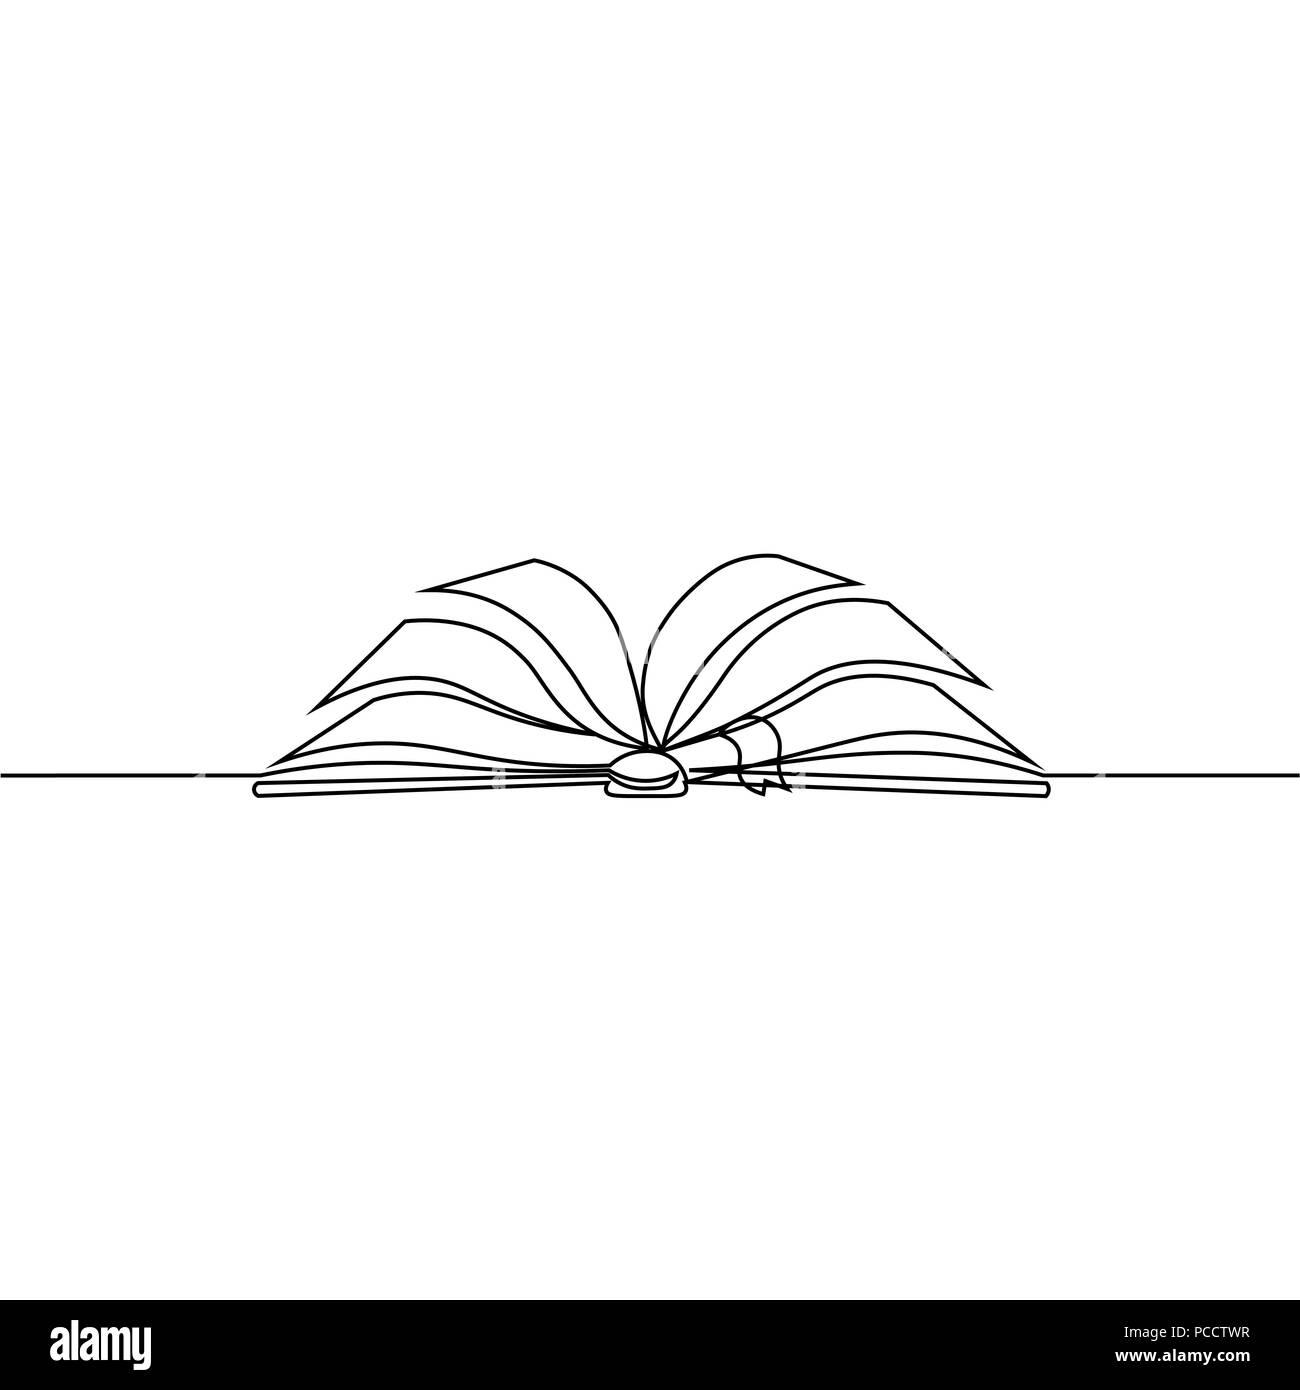 Livre Ouvert Avec Les Pages Isole Sur Blanc Dessin De Ligne